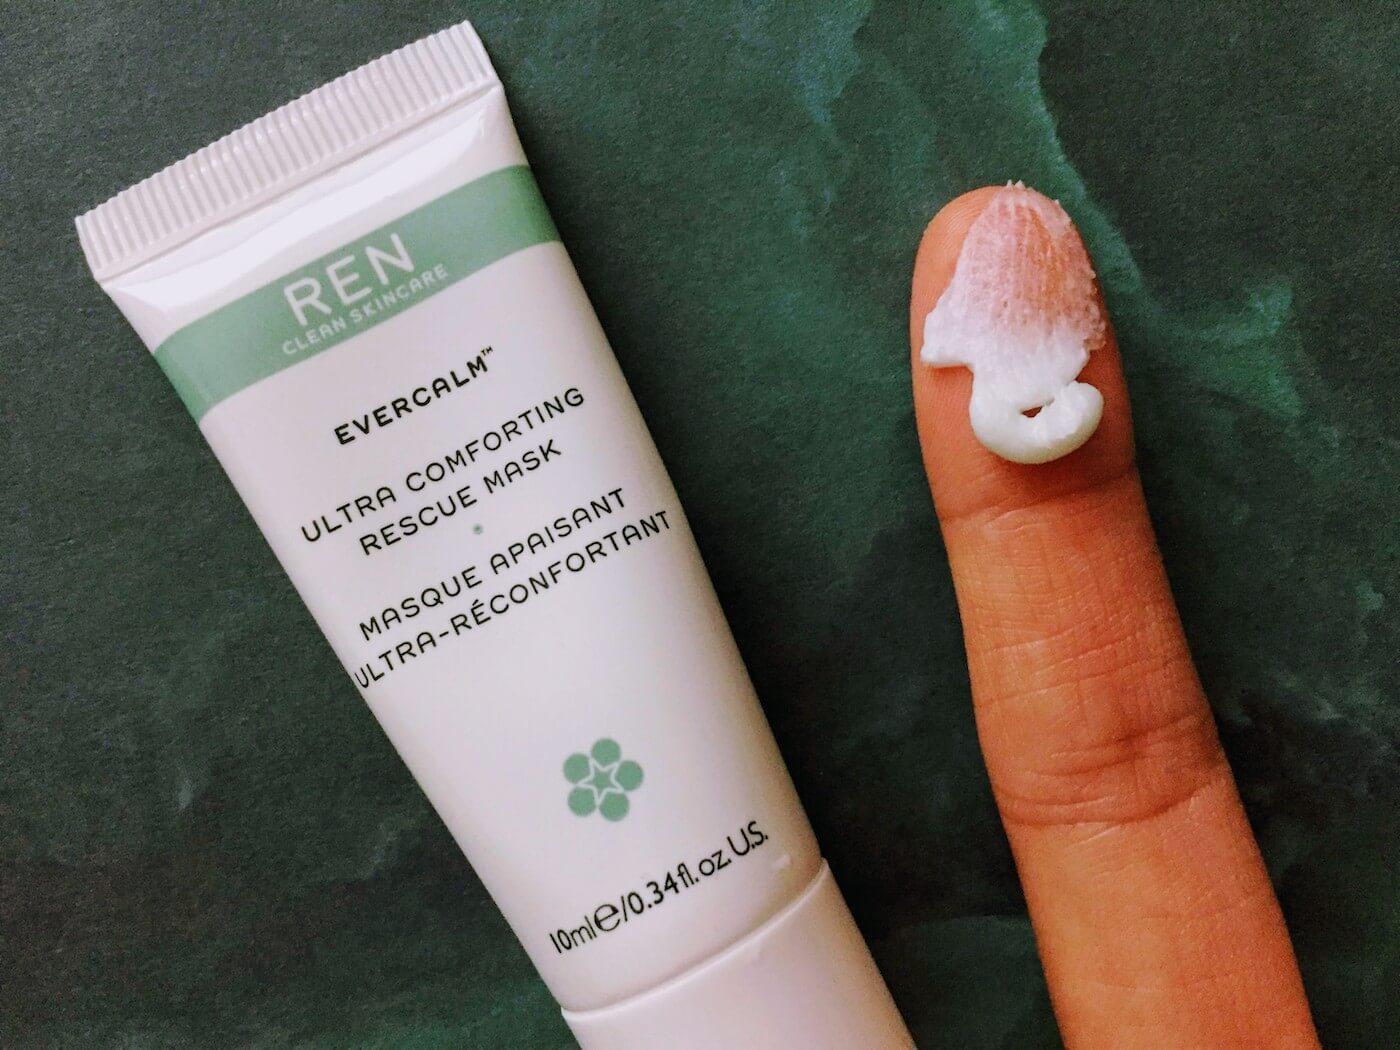 ren skincare evercalm mask review